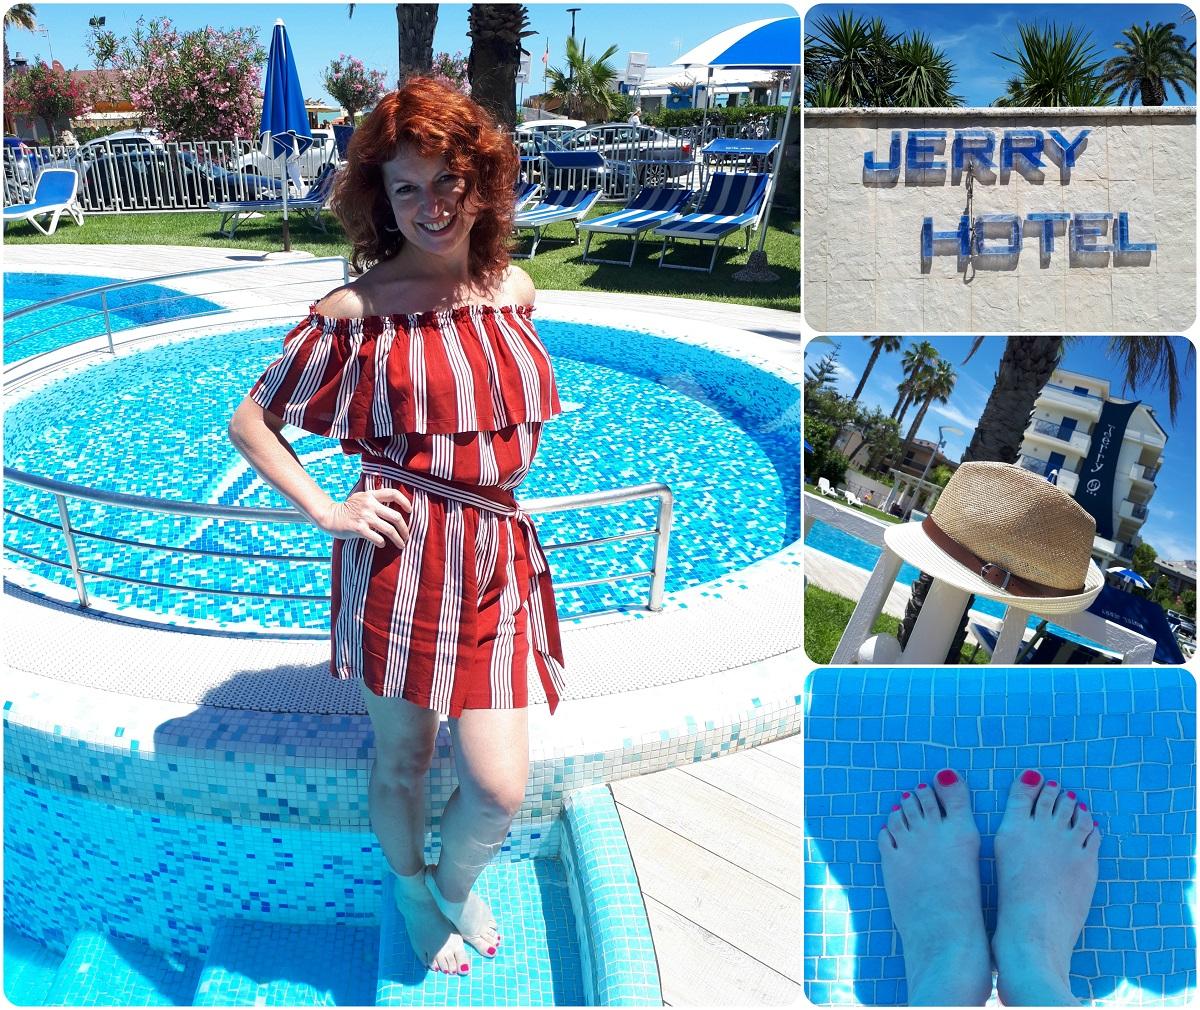 Blogtour nel Piceno a Grottammare Hotel Jerry